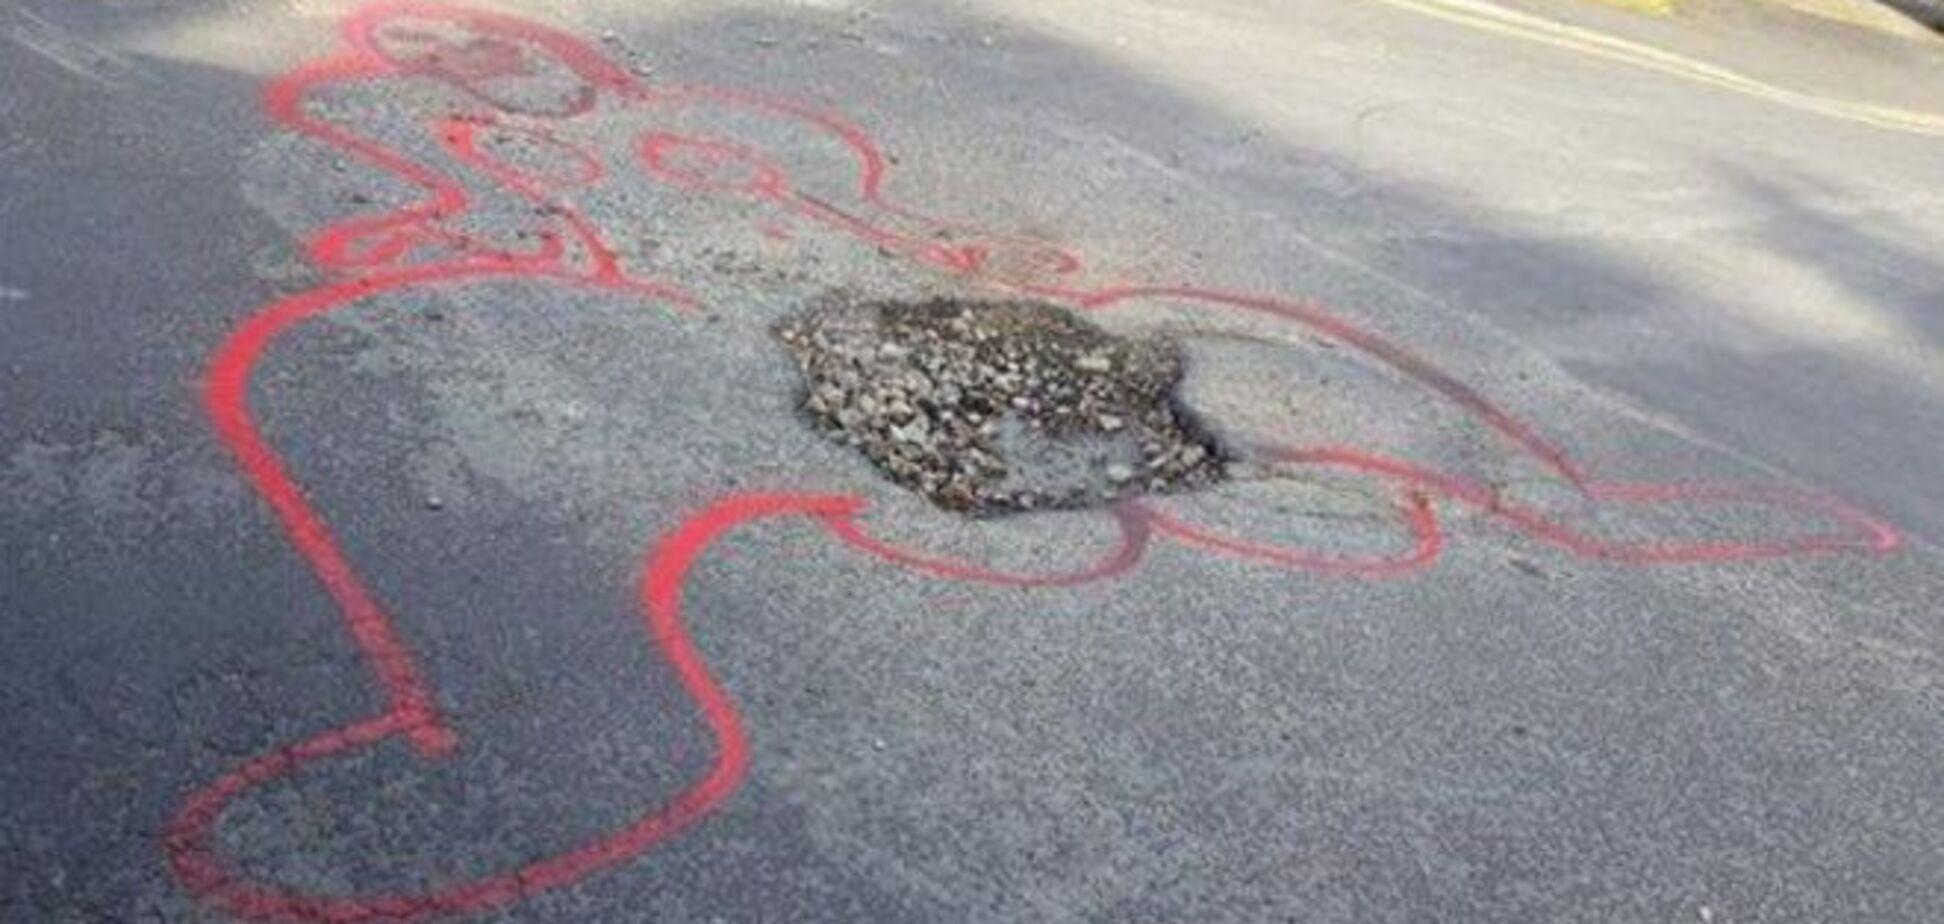 Британський художник бореться з ямами на дорогах за допомогою вульгарних малюнків